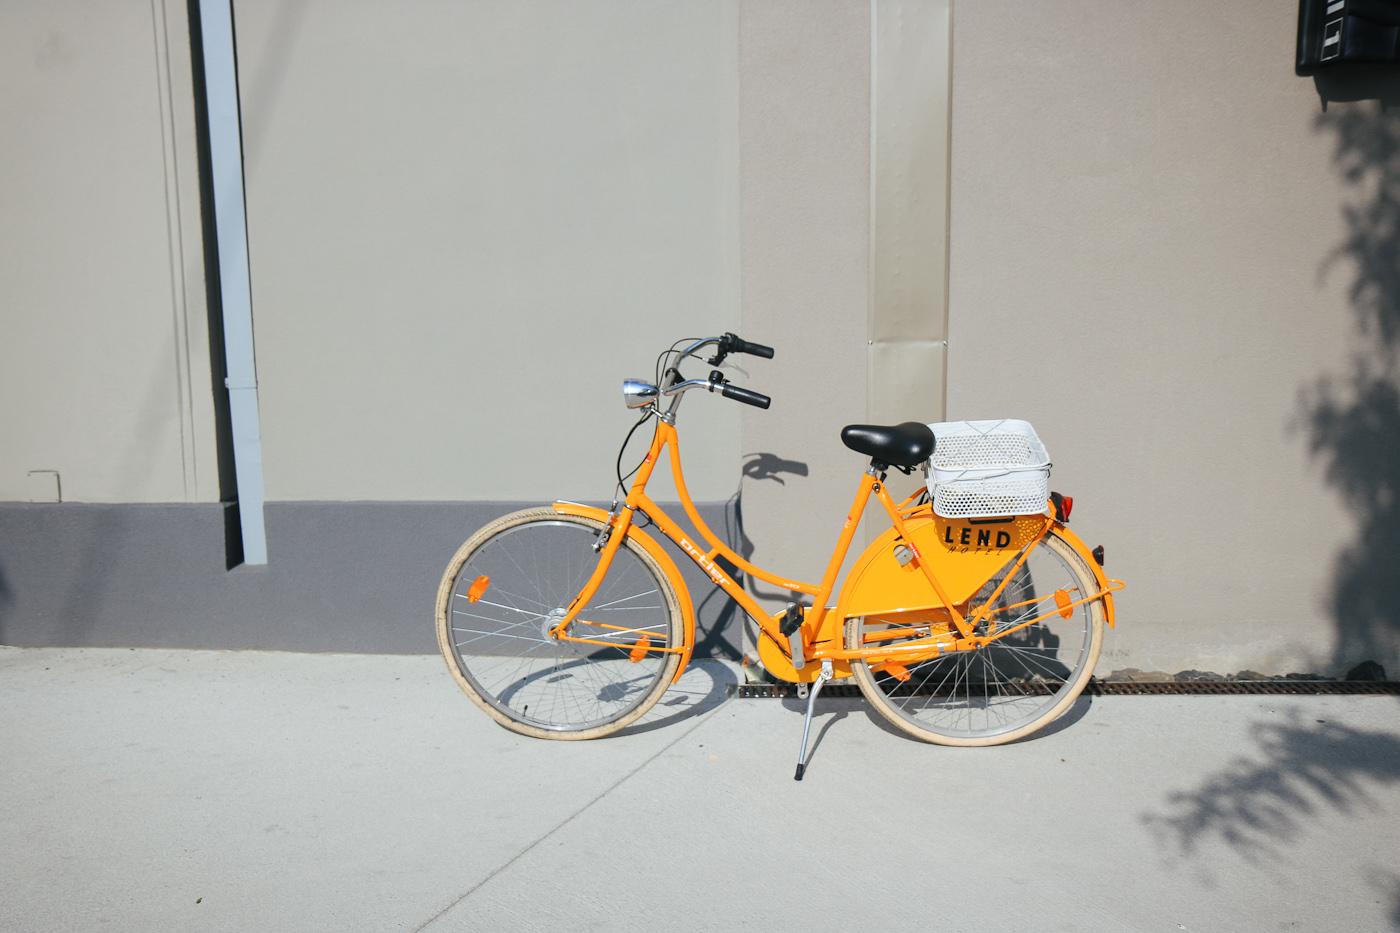 Lendhotel Graz Fahrrad